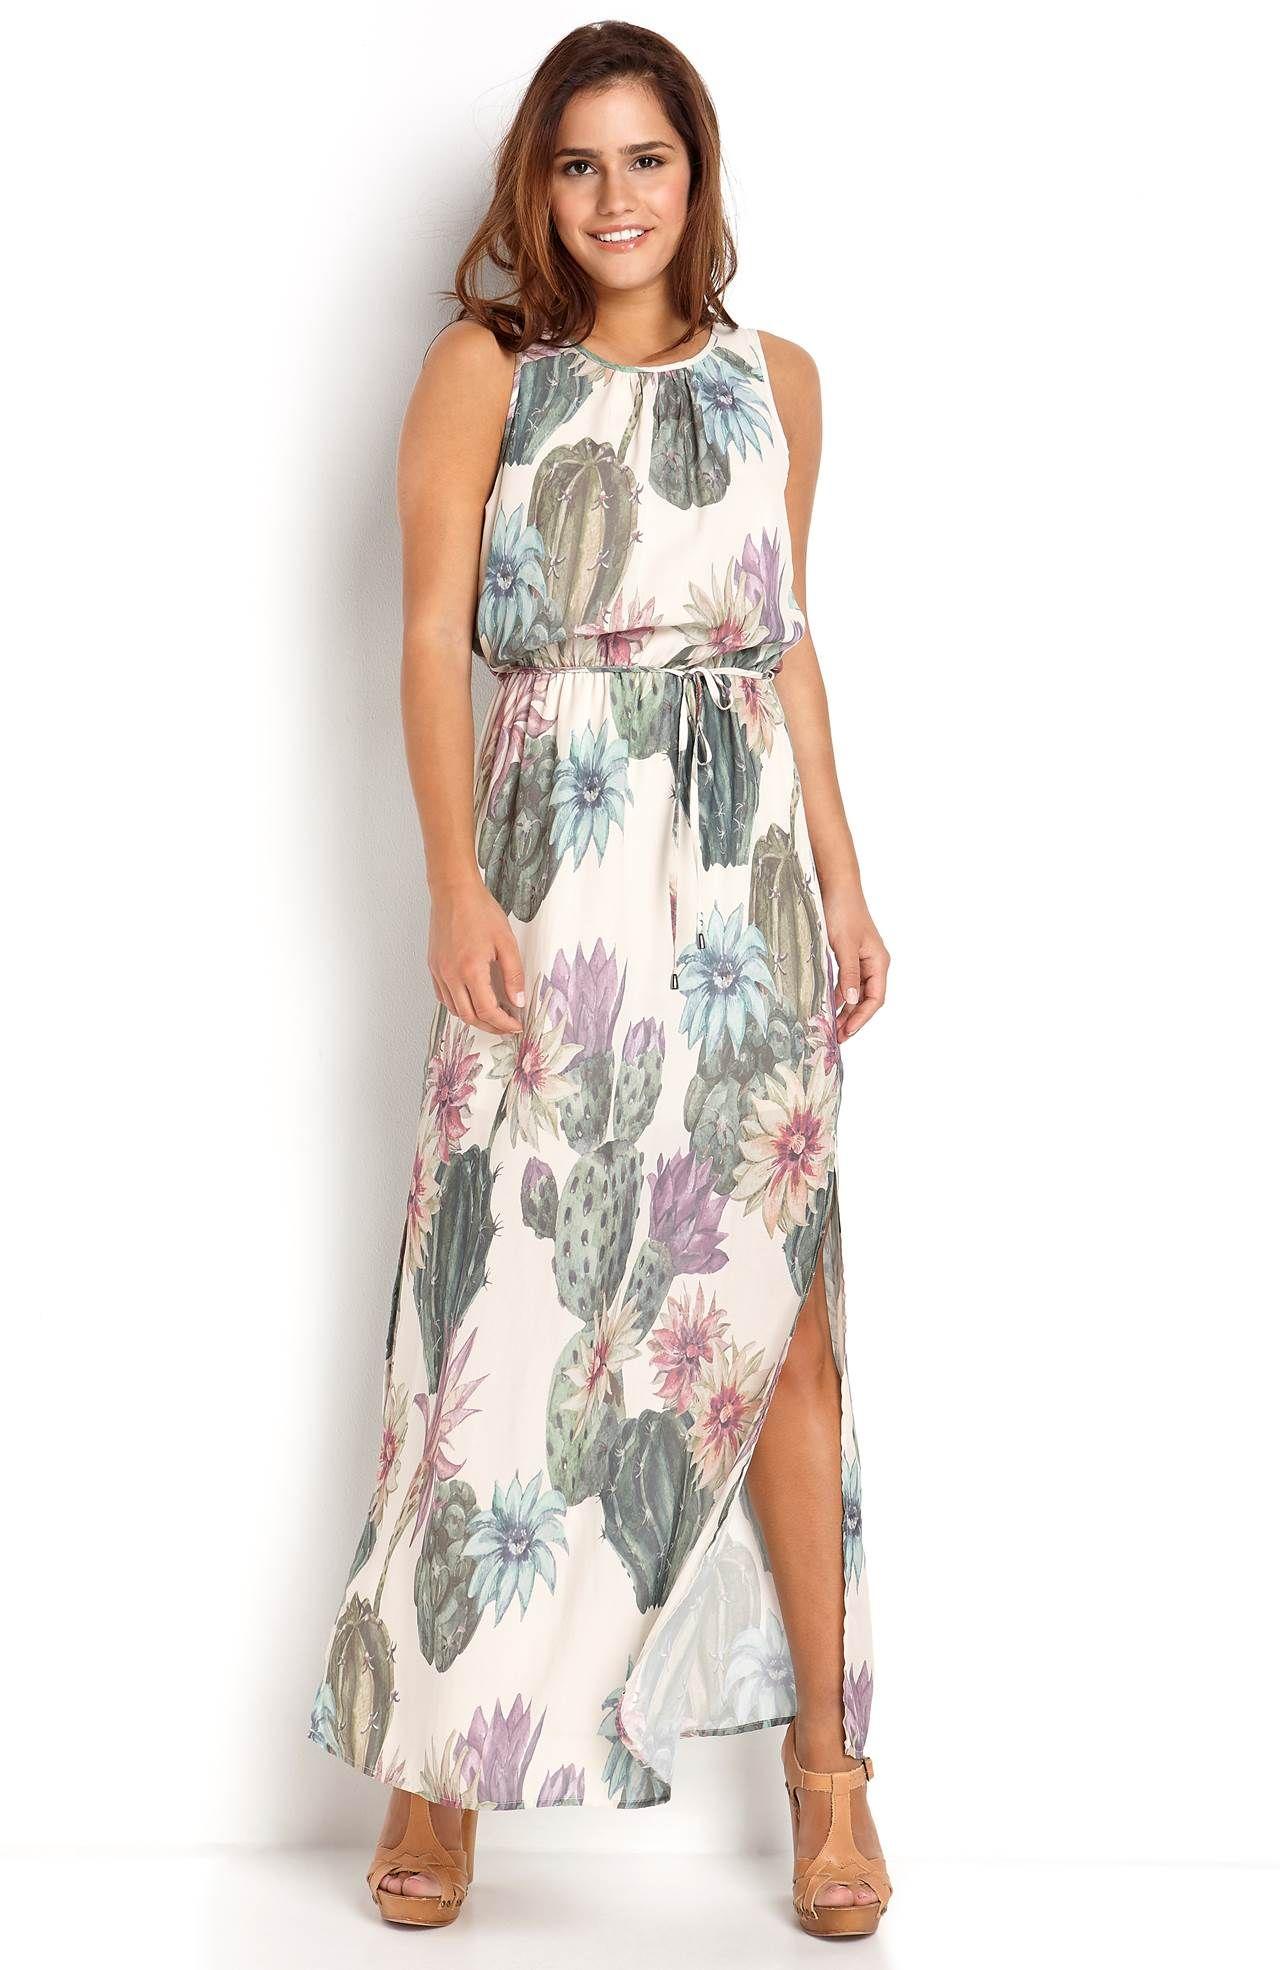 Długa Sukienka Marki Only Modny Wzór W Kwiaty 199 Zł Na Httpwww